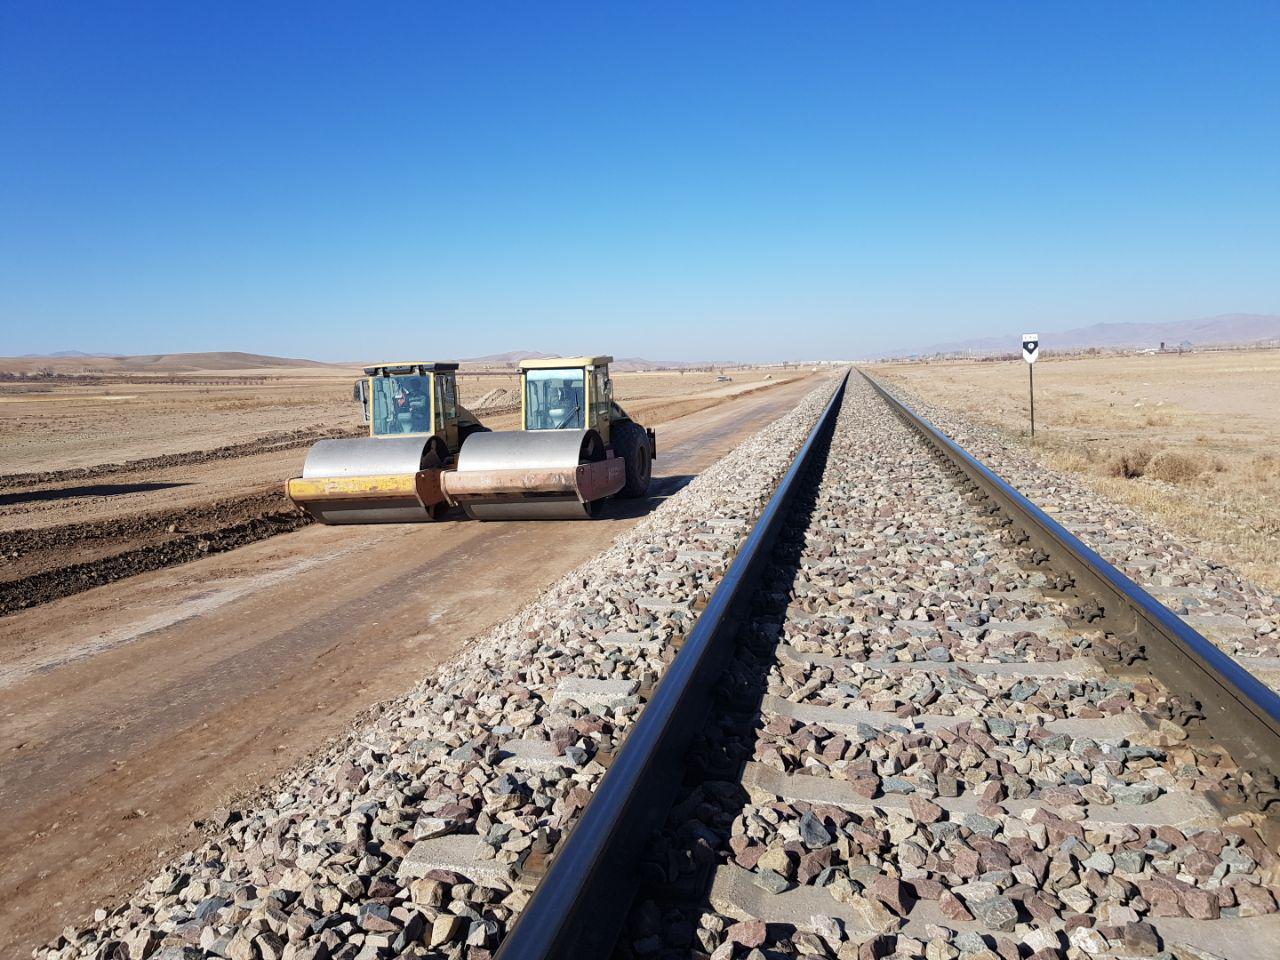 بیشترین پروژه های مرتبط با راه کشور در حال اجرا در خراسان رضوی است